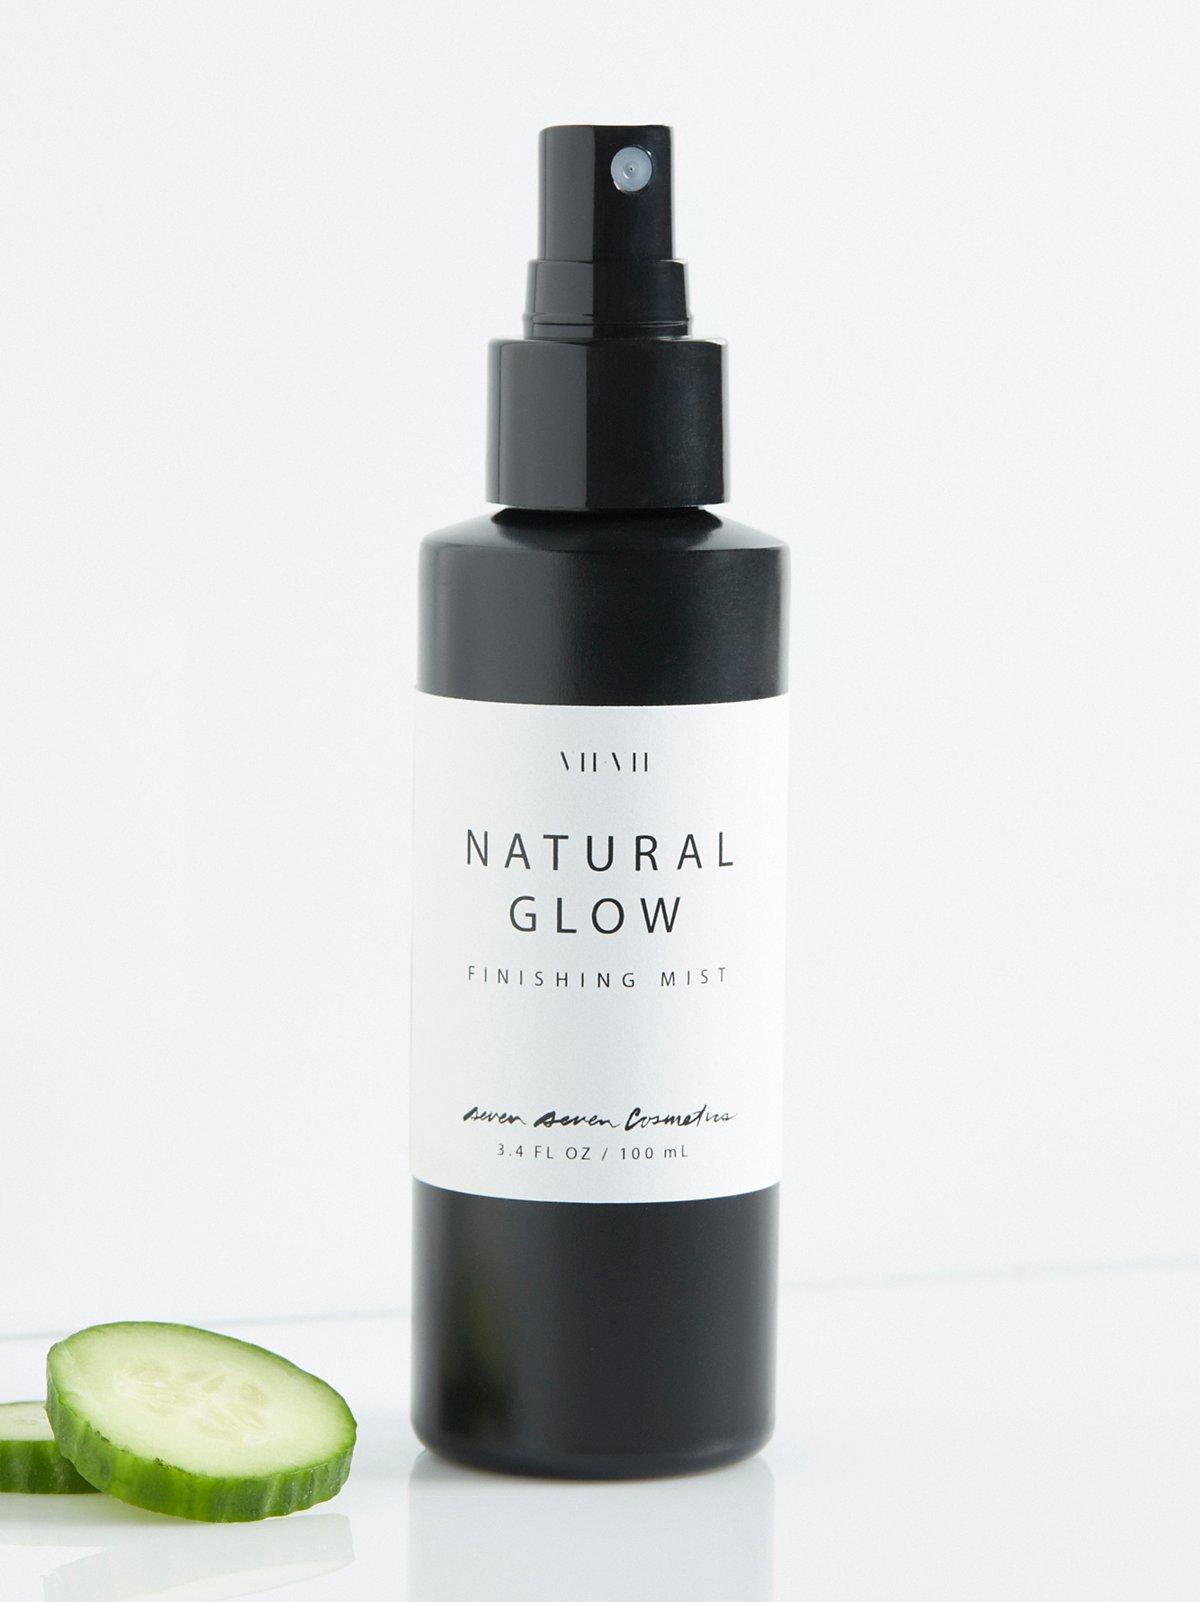 自然光泽化妆固定喷雾